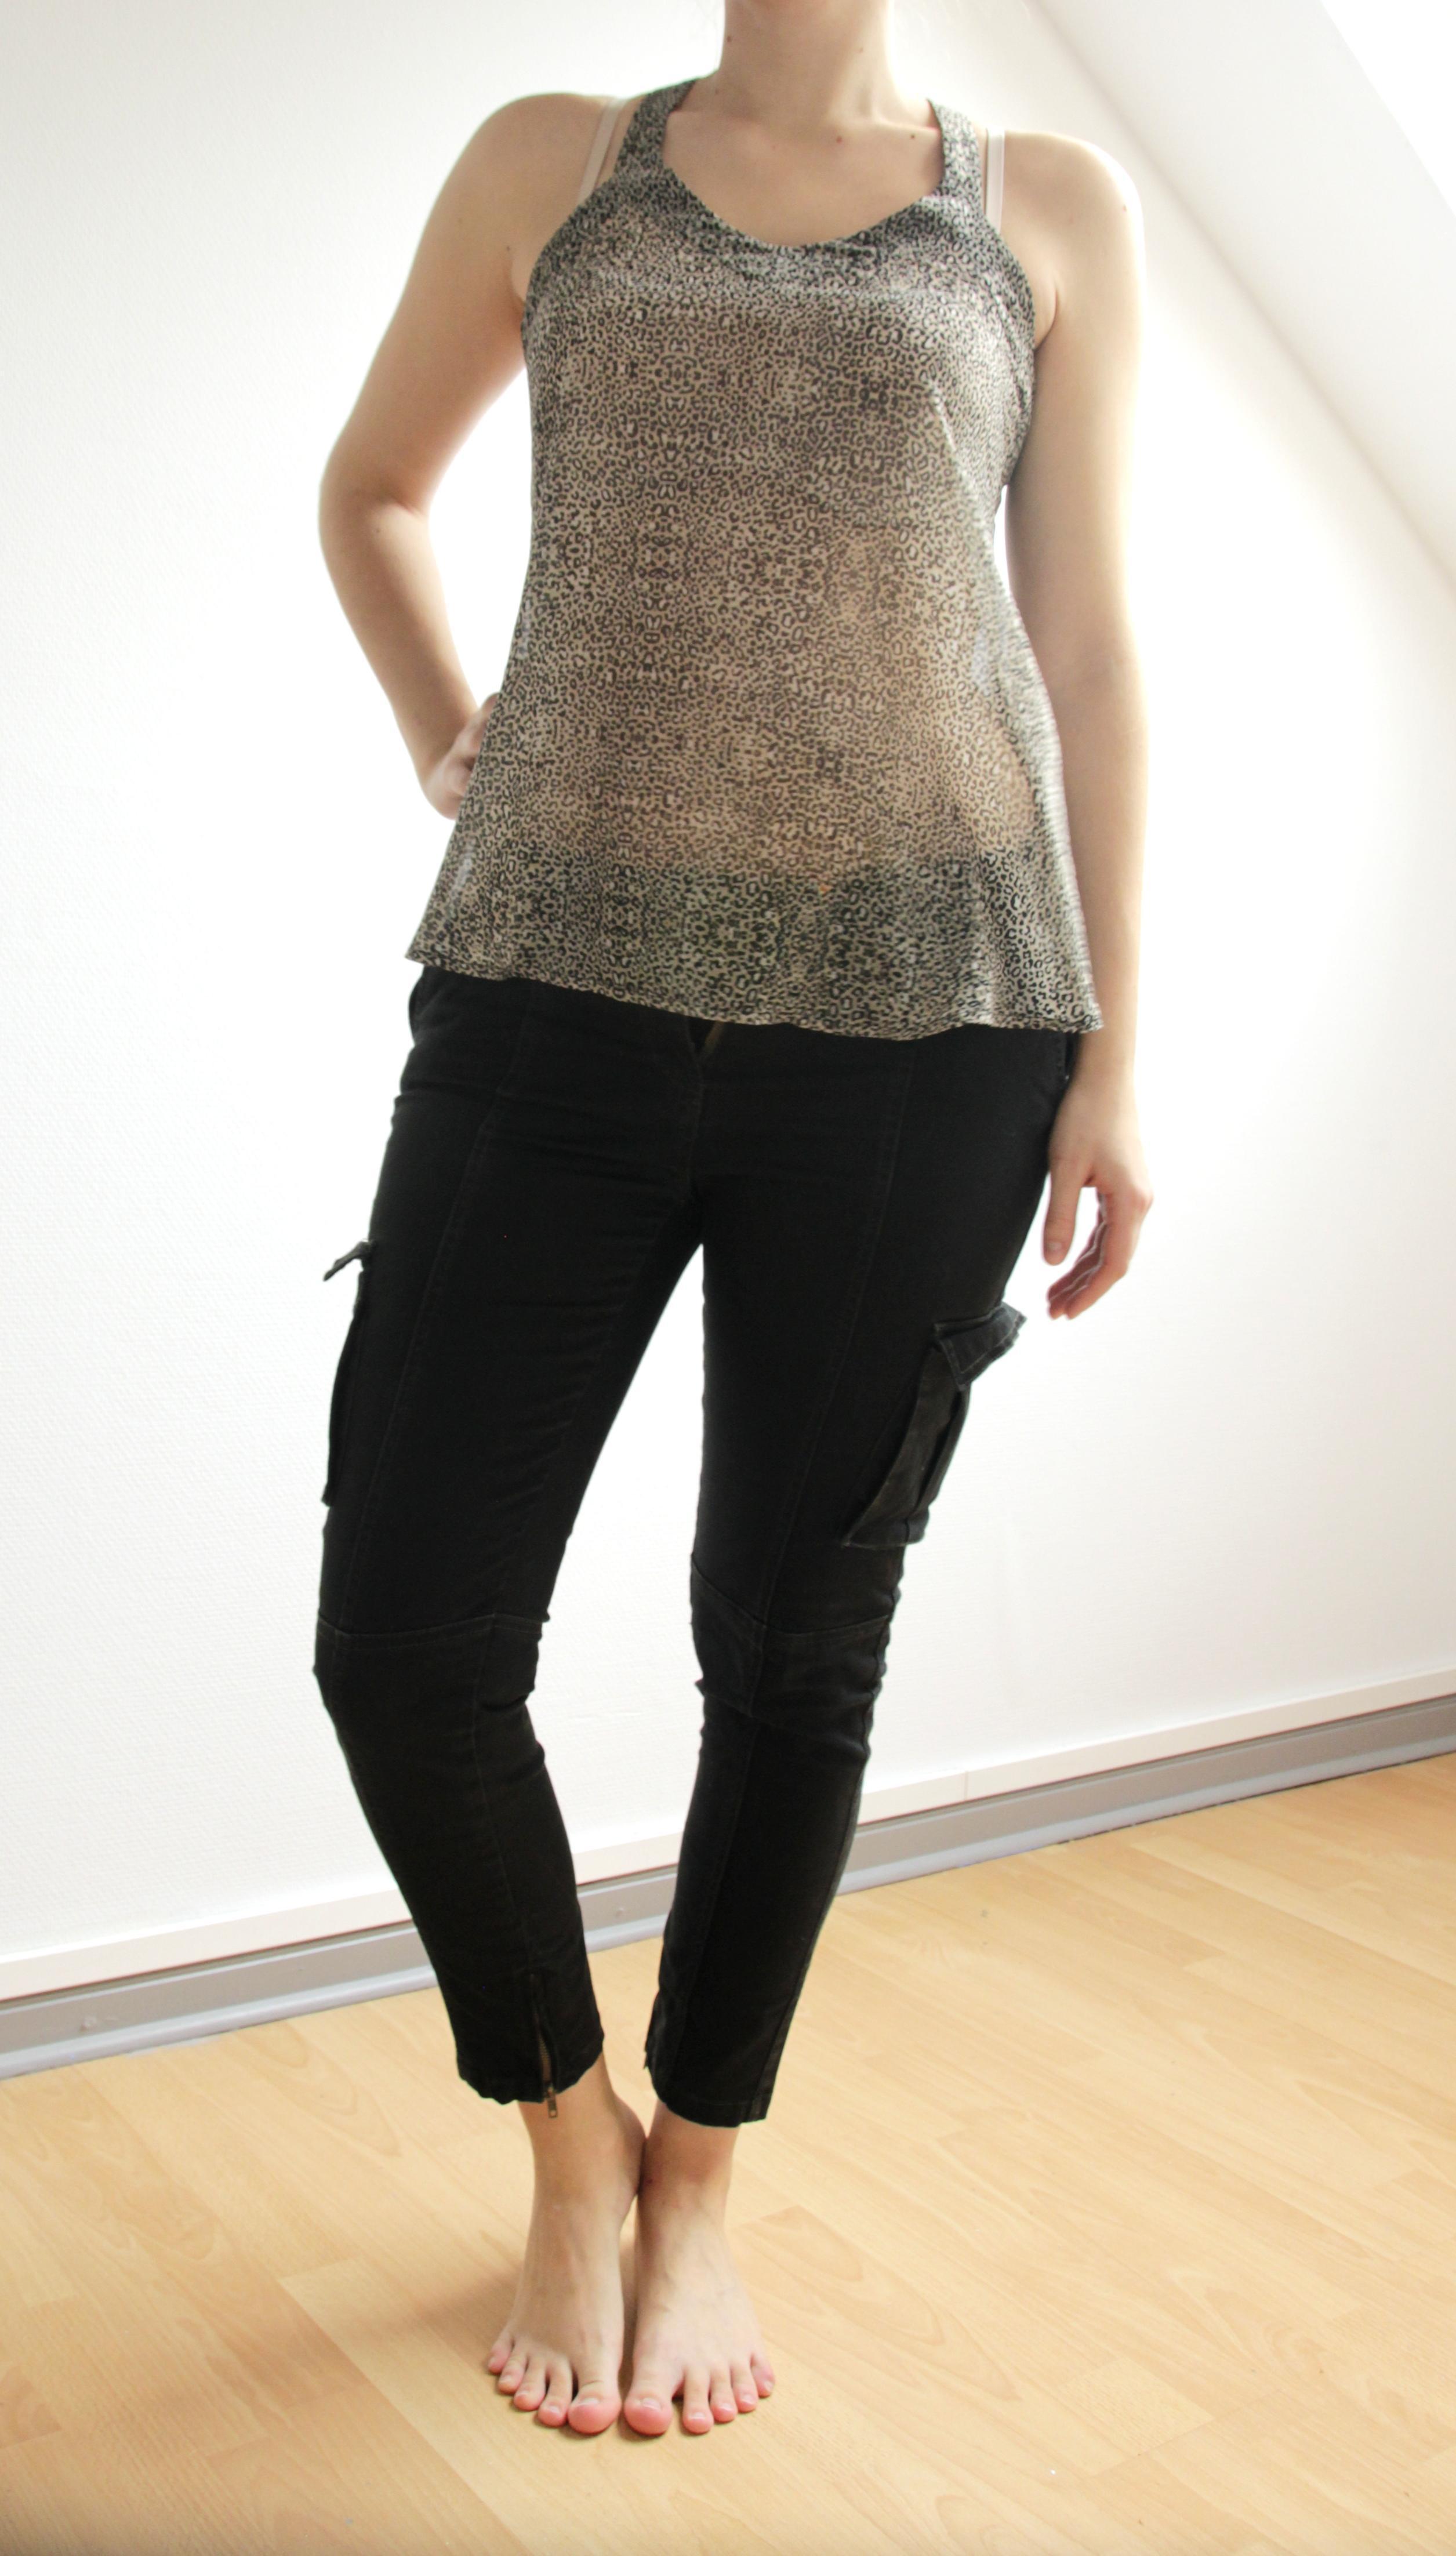 troc de troc don pantalon noir 7/8 marque monoprix taille 40 image 0